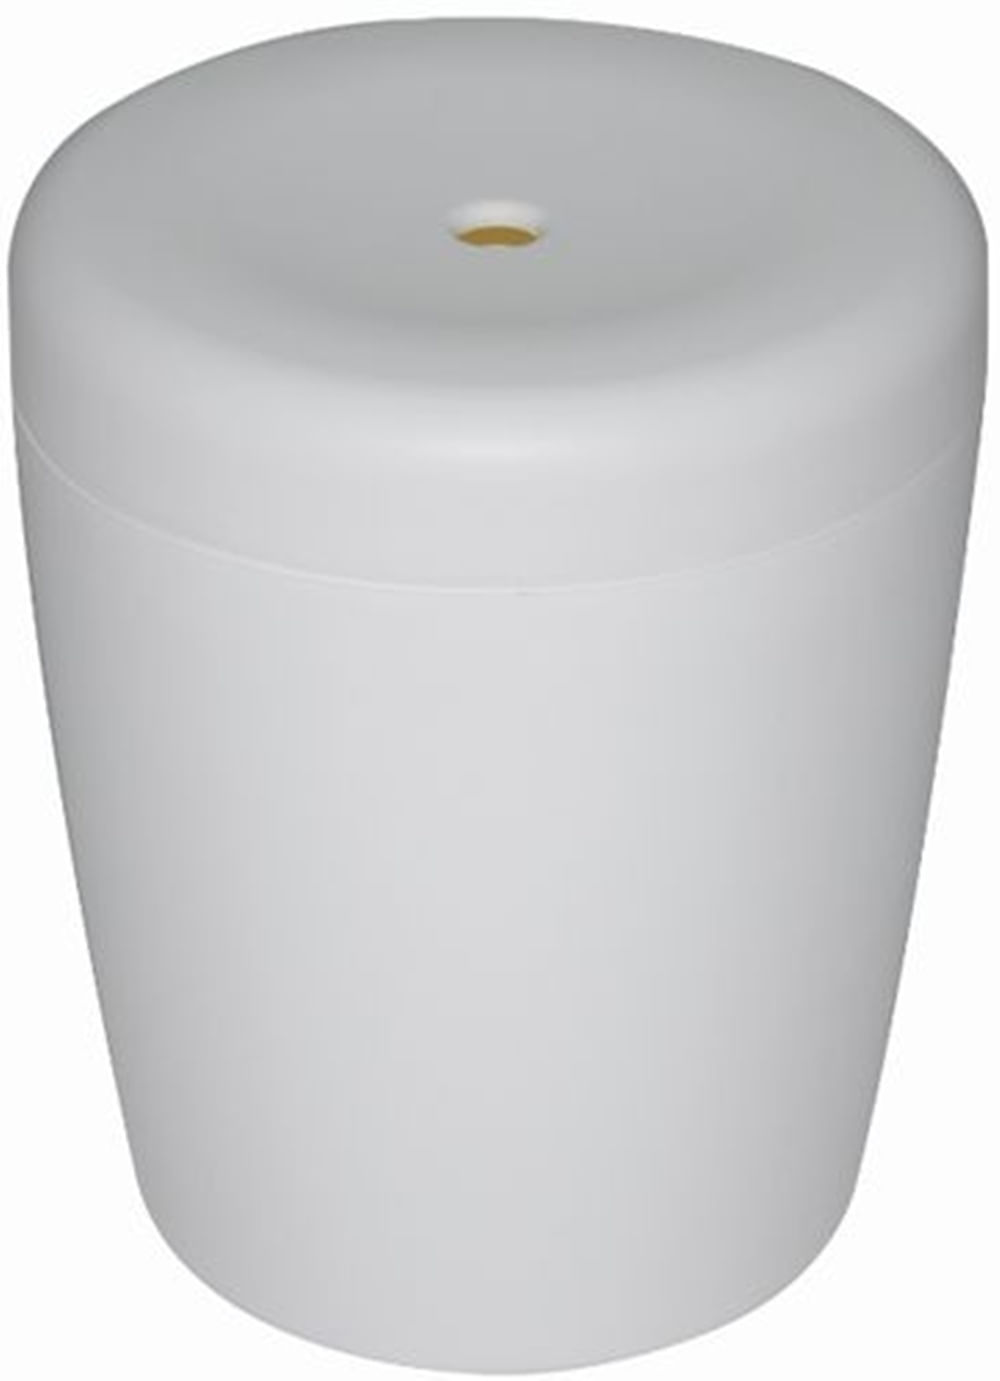 Puff Multiuso Polipropileno Branco - 19540